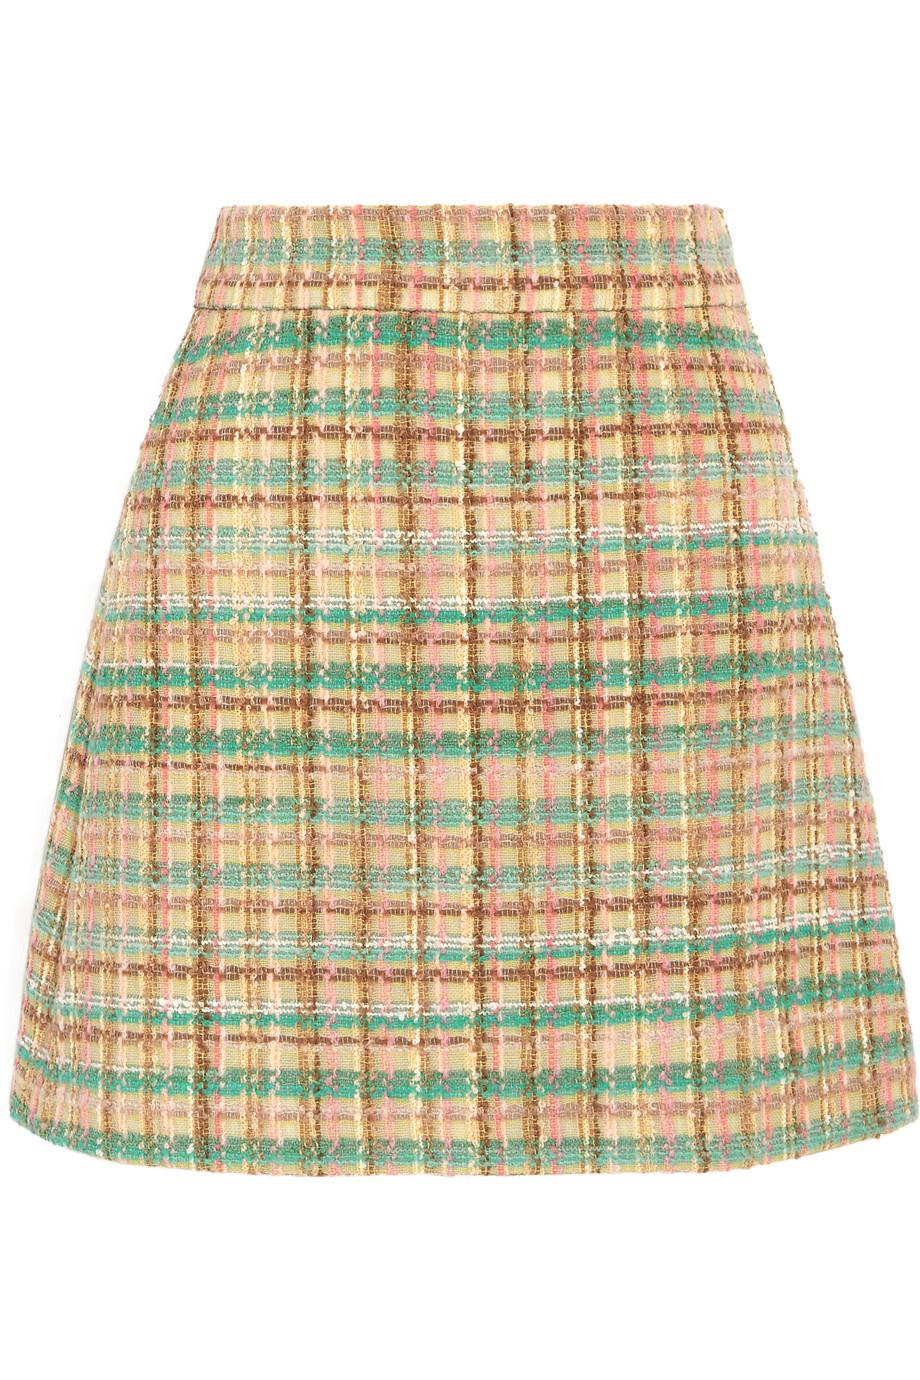 Miu Miu Checked Wool-Blend Tweed Mini Skirt, Size: 44